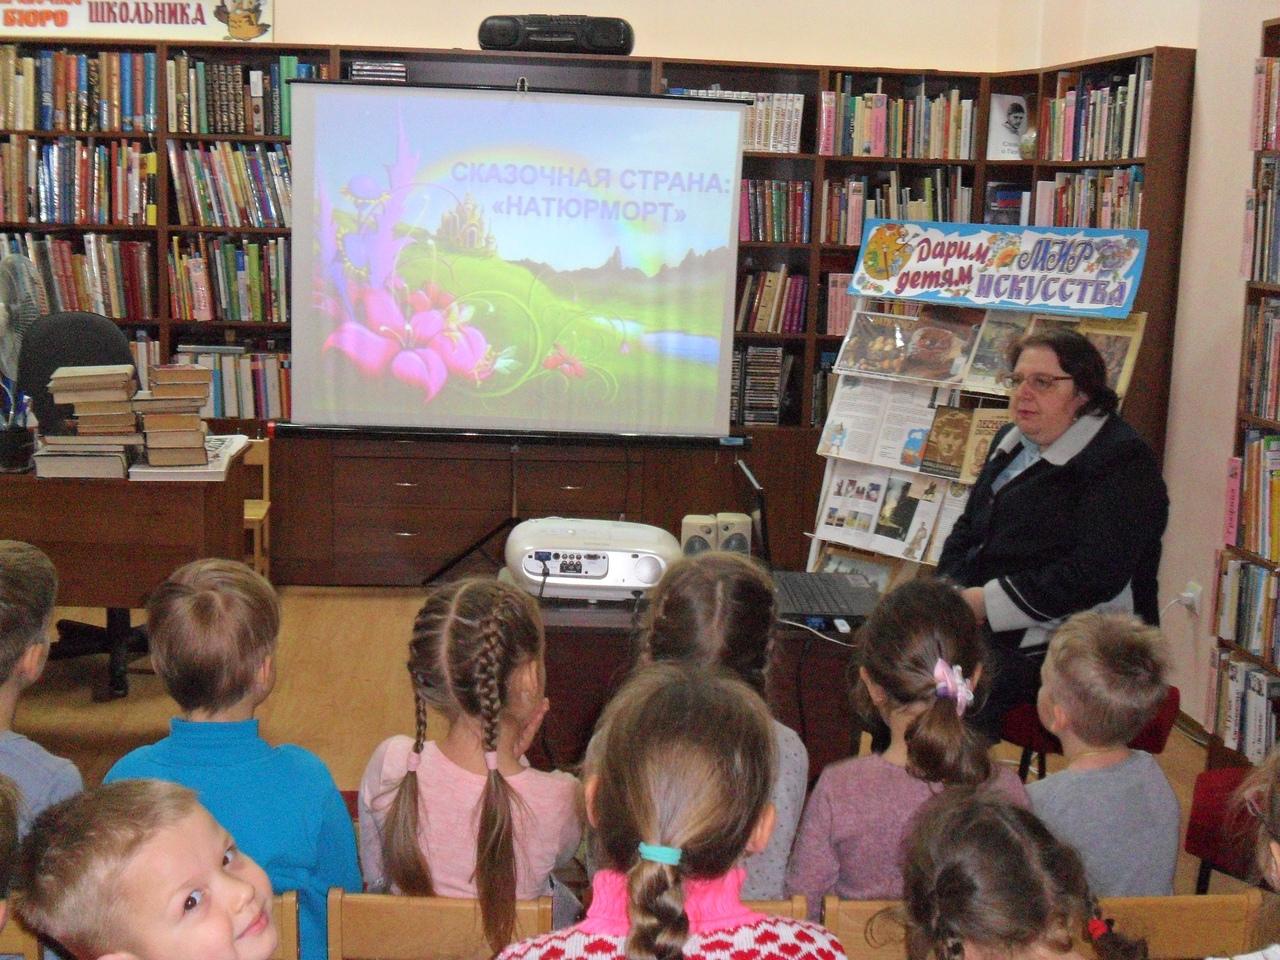 донецкая республиканская библиотека для детей, с библиотекой интересно, отдел искусств, что такое натюрморт, детям об искусстве